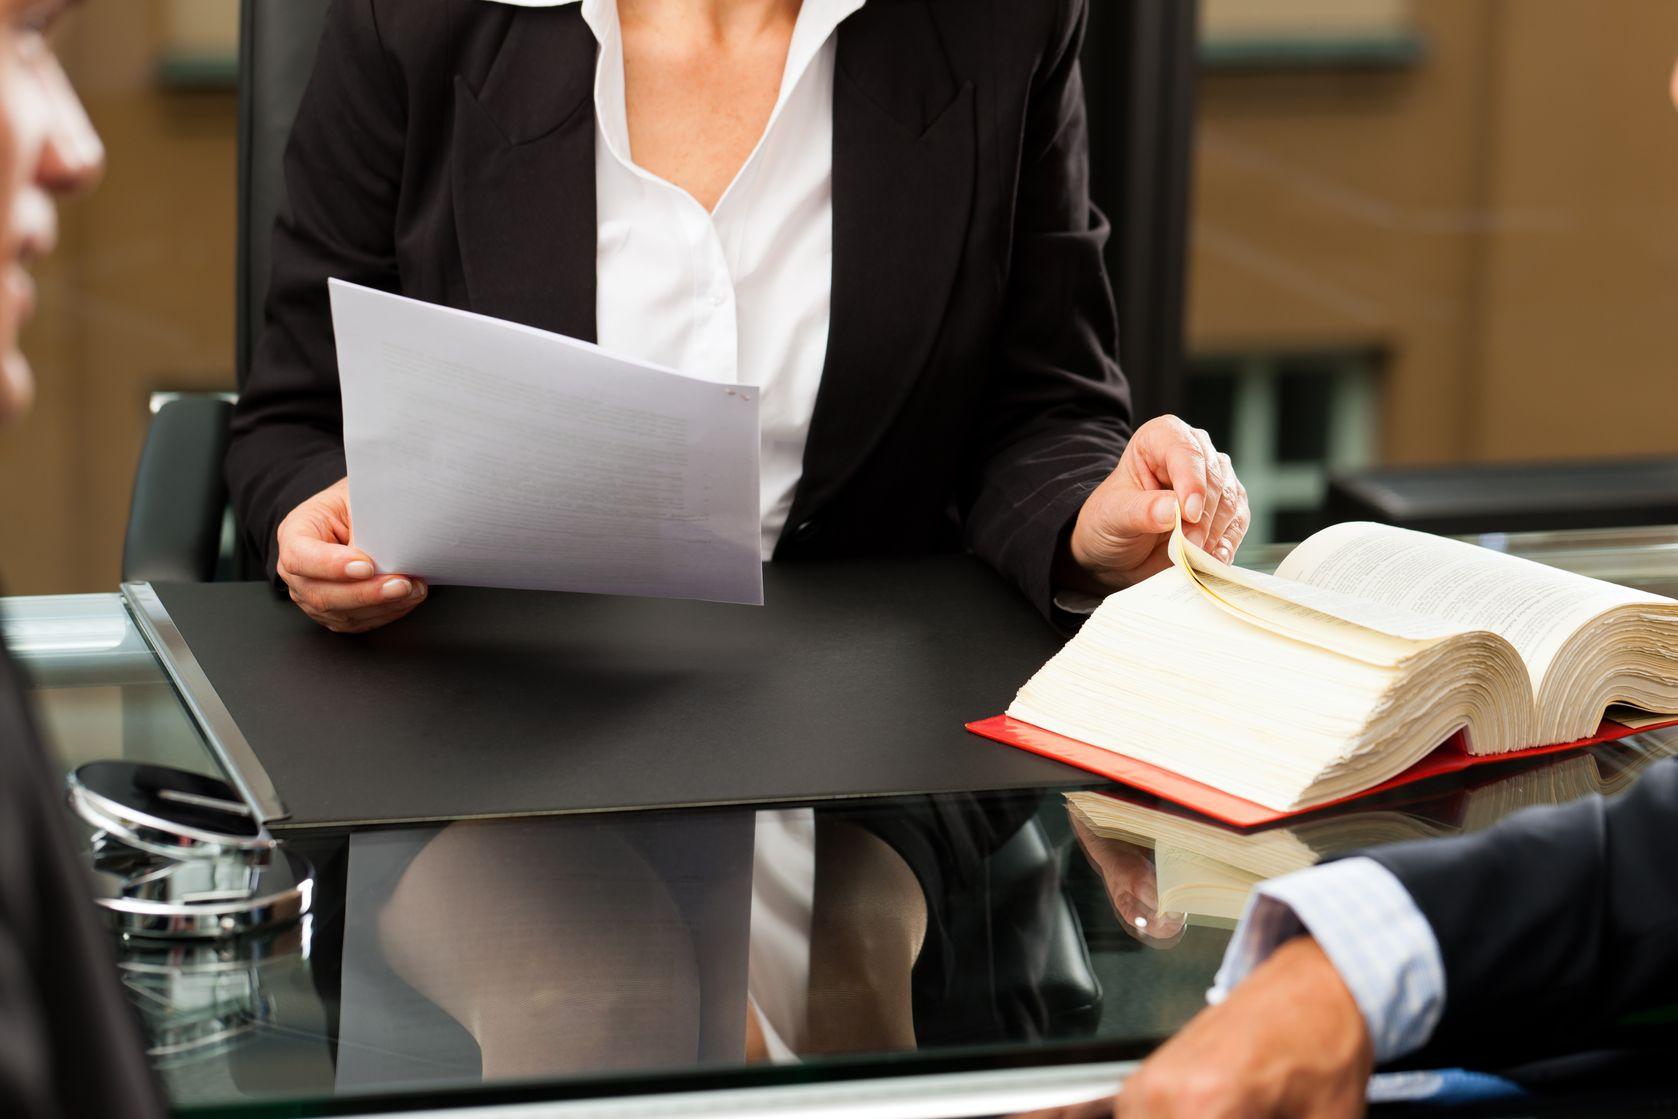 Запазена и разполагаема част от наследството, Иск по чл. 30 ал.1 ЗН, Адвокат наследствени дела, Оспорване на запазена част от наследството на наследодателя, накърняване на запазена част наследник, определяне на разполагаема част наследодателя